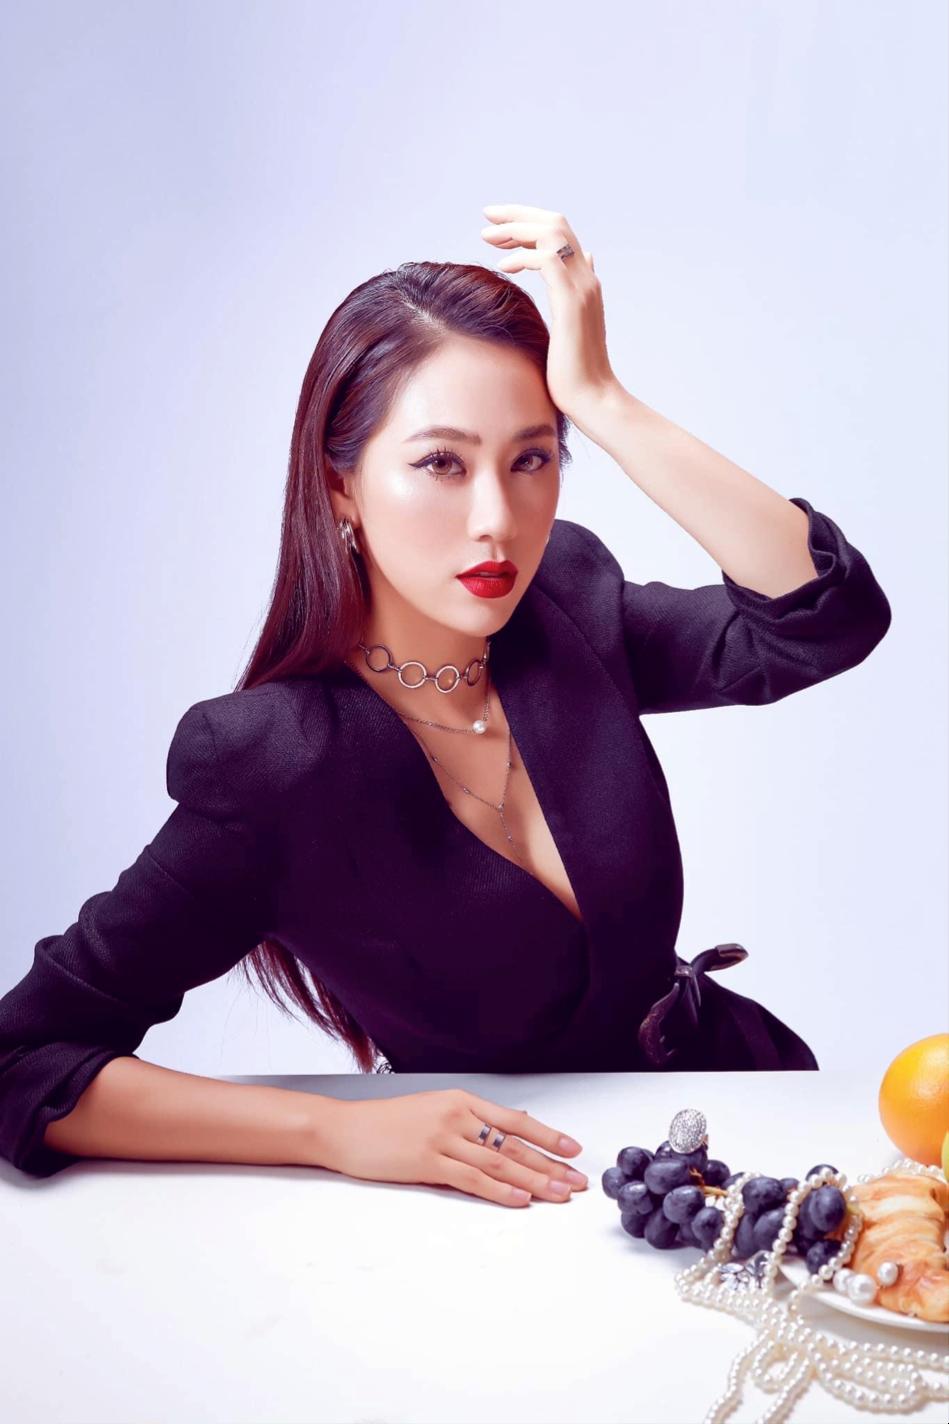 Cô cũng yêu thích mẫu vest đen mang tớivẻ ngoài quyền lực và bí ẩn, phối hợp hài hòa với phụ kiện dây chuyền nhiều layervà màu son đỏ.